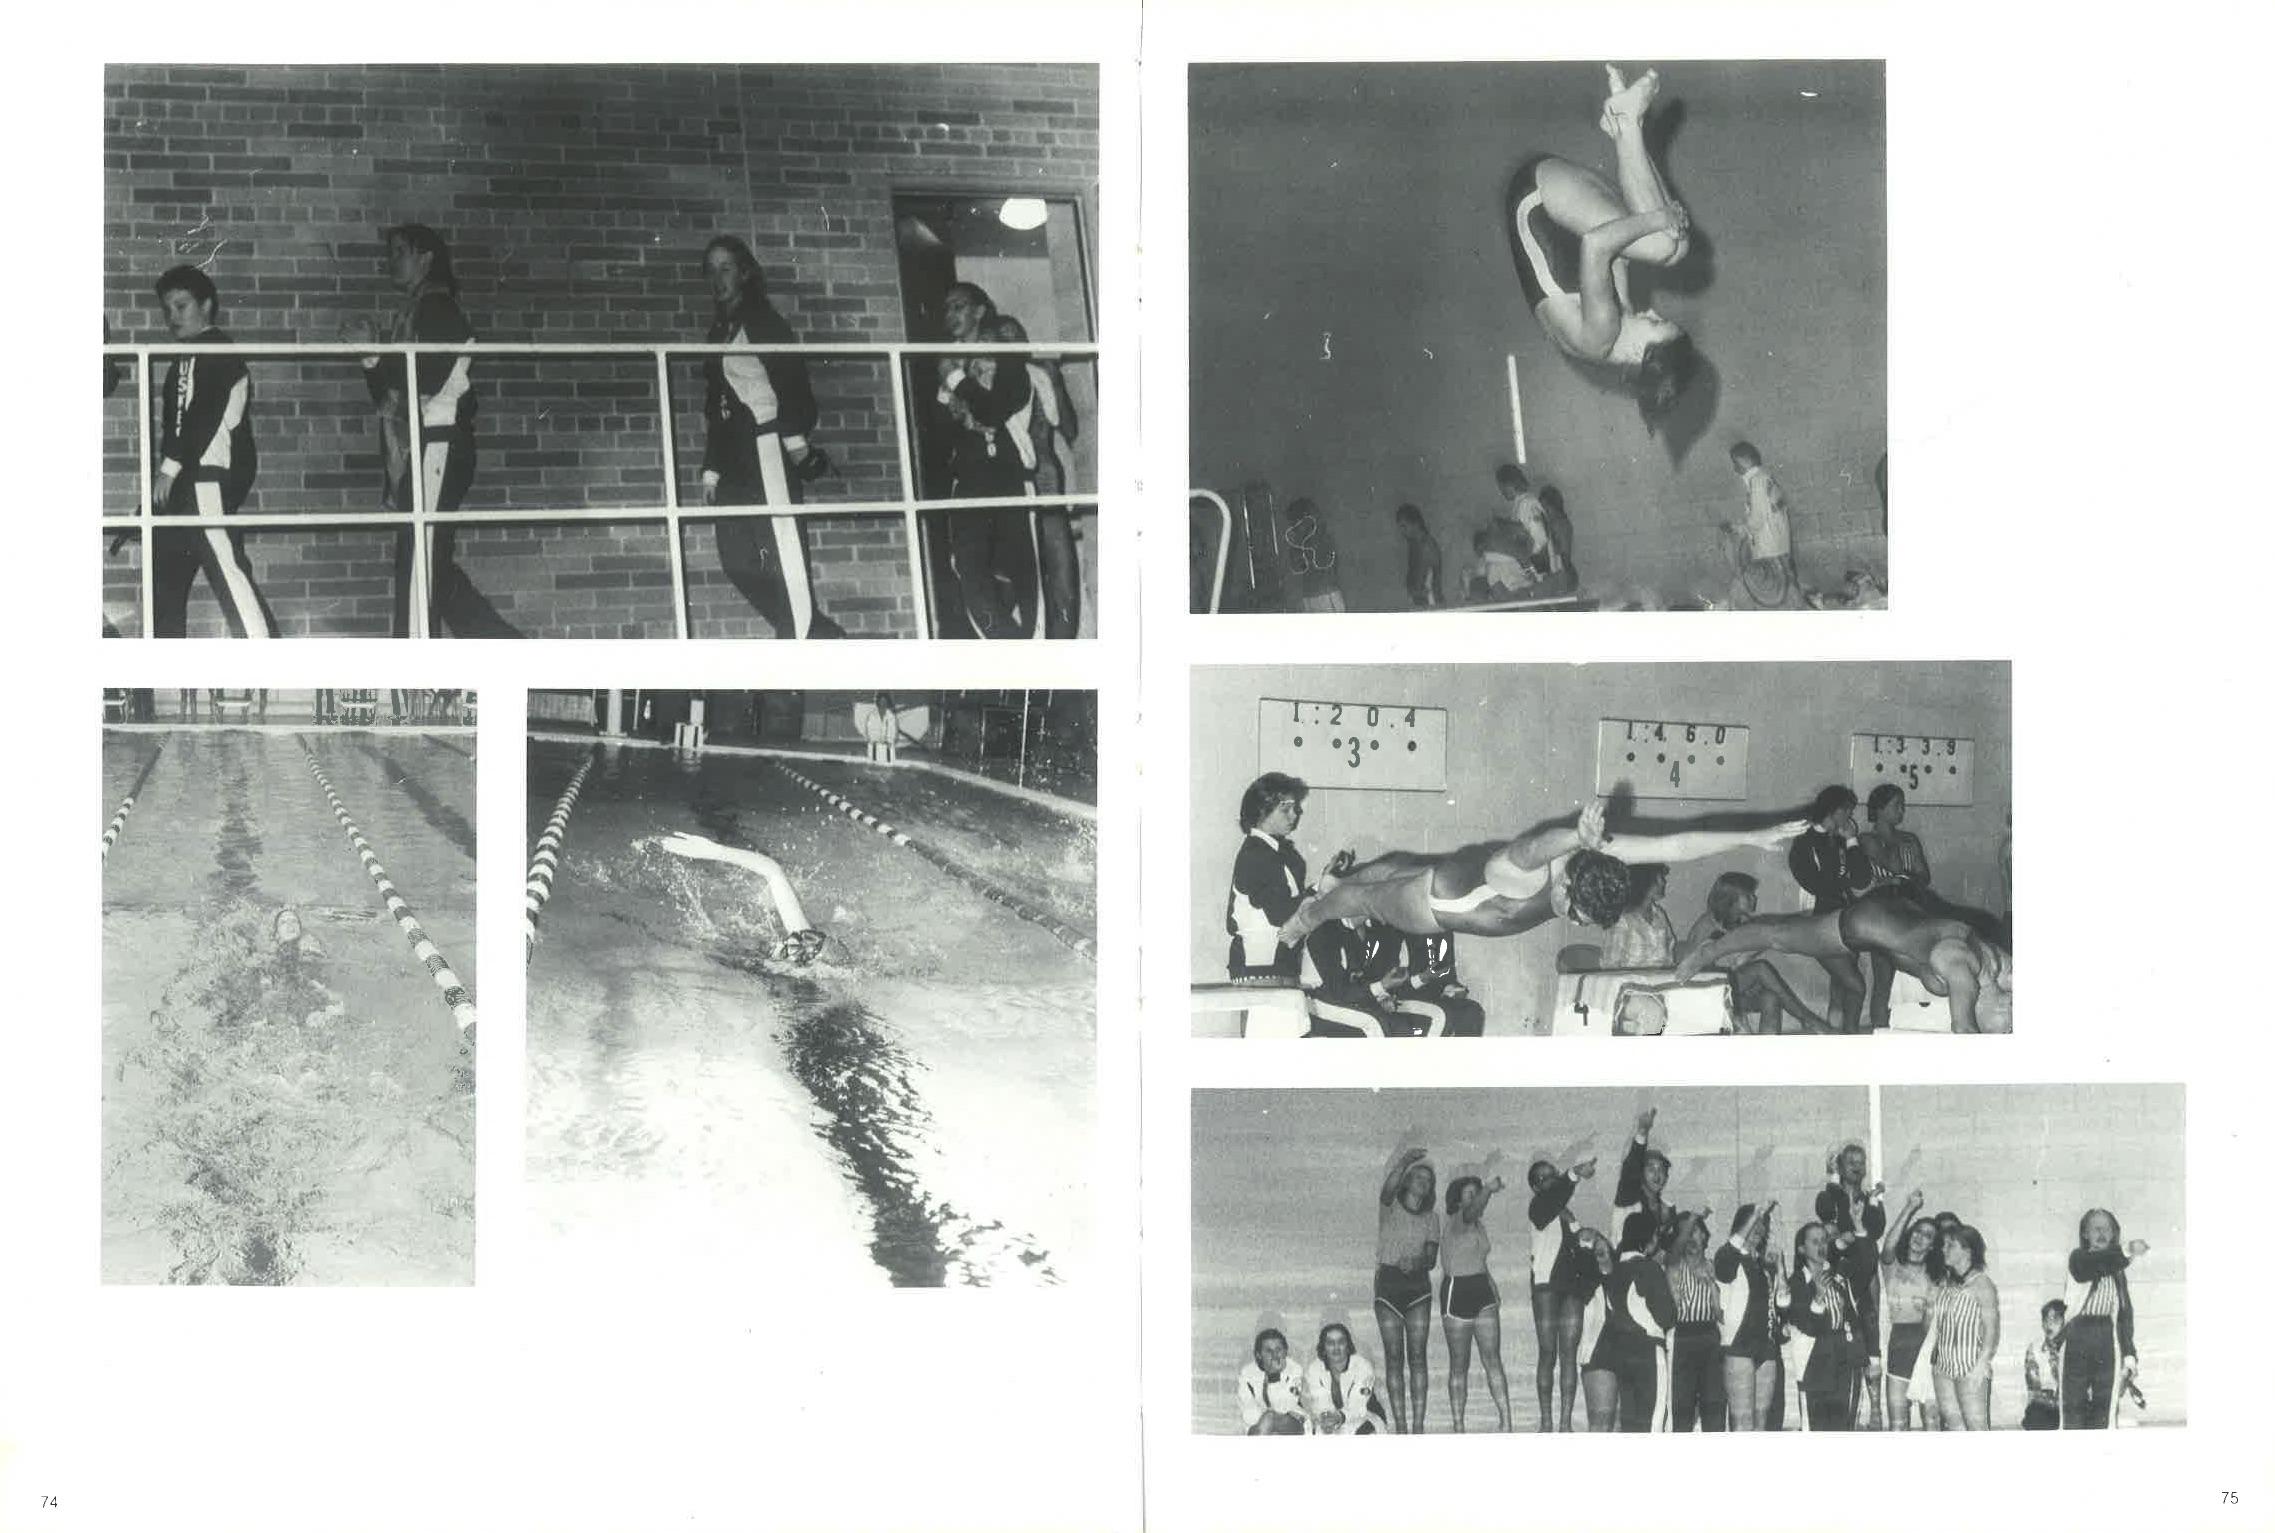 1979_Yearbook_74.jpg